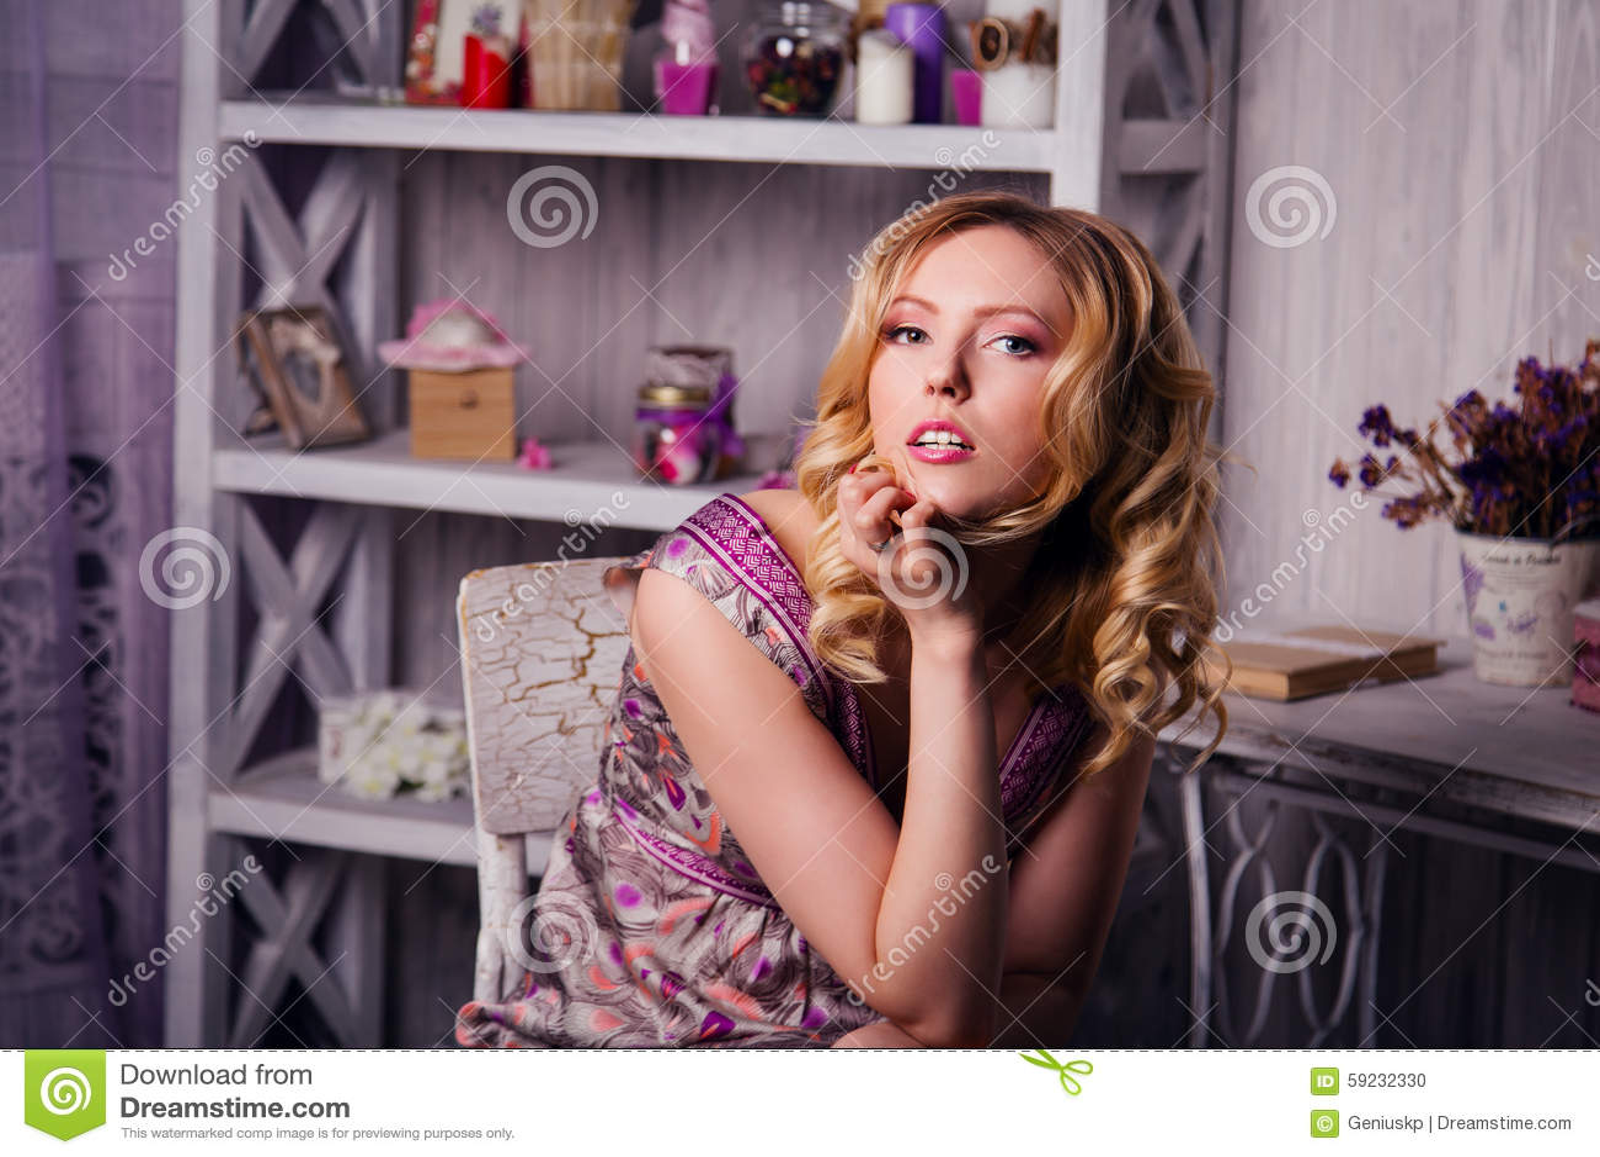 Download Mujer rubia hermosa foto de archivo. Imagen de casero - 59232330